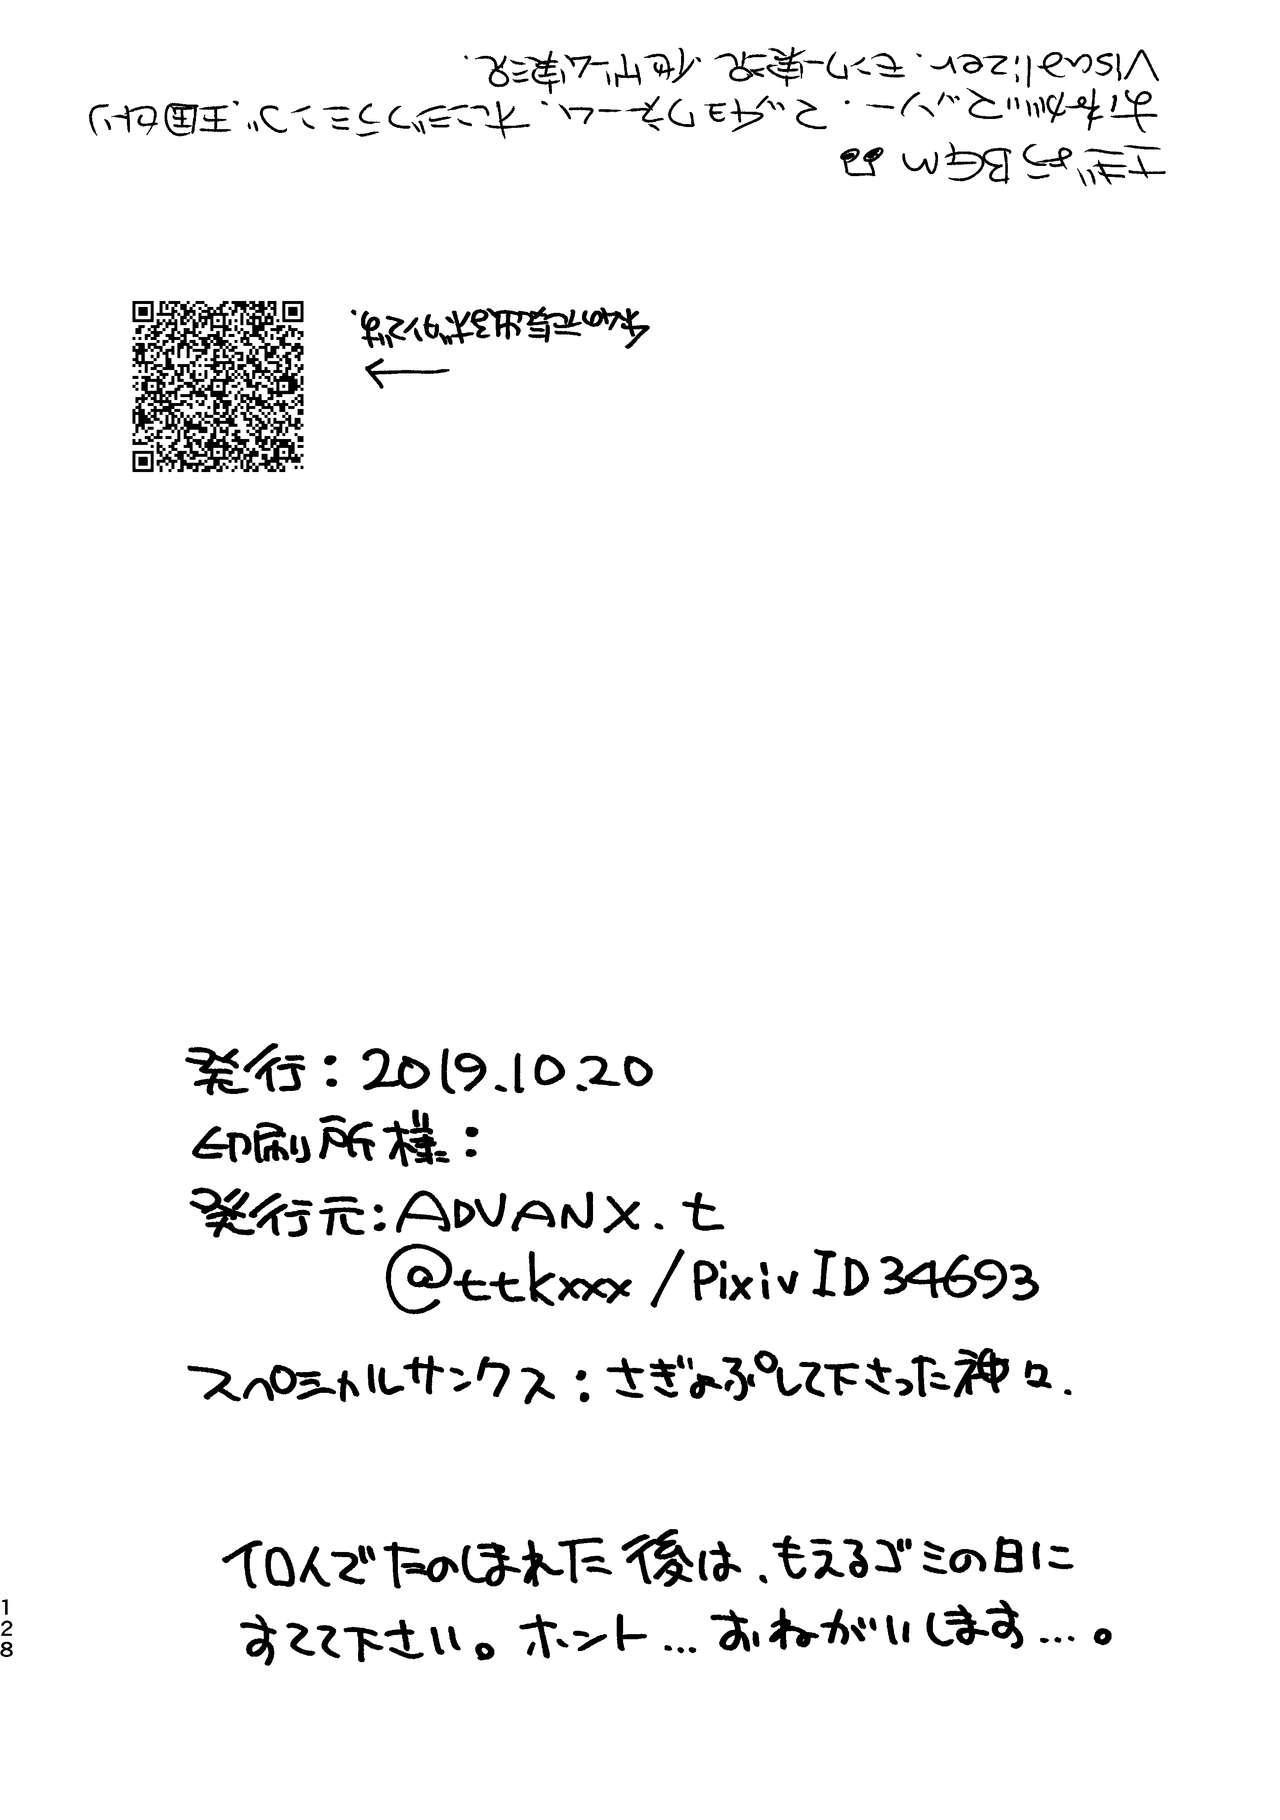 WEB Sairoku Zumi HawEn Manga ga Kami demo Yomeru Hon. 127